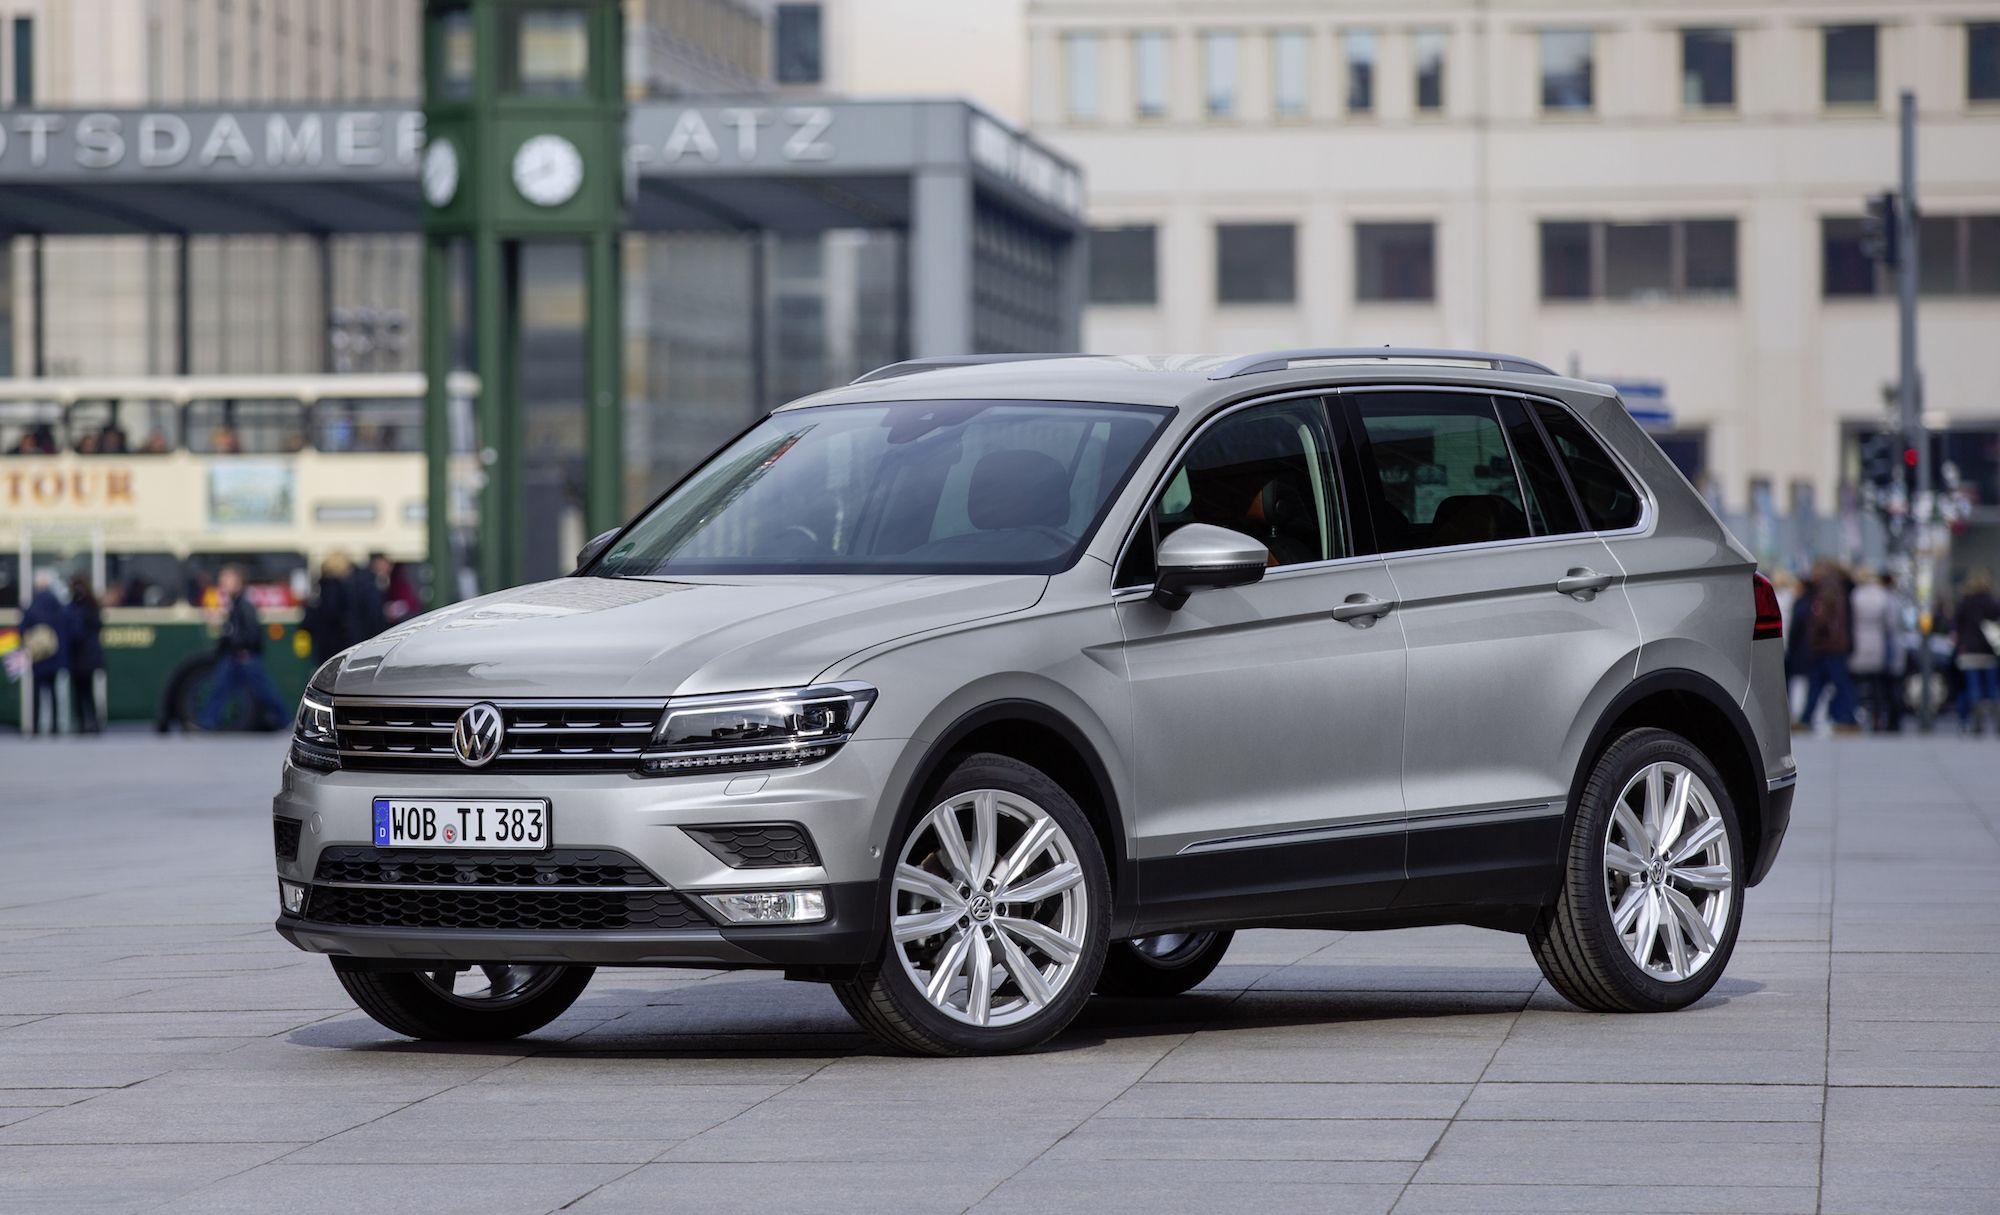 Volkswagen Tiguan 2017 Price Volkswagen Polo Volkswagen Routan Volkswagen Touareg